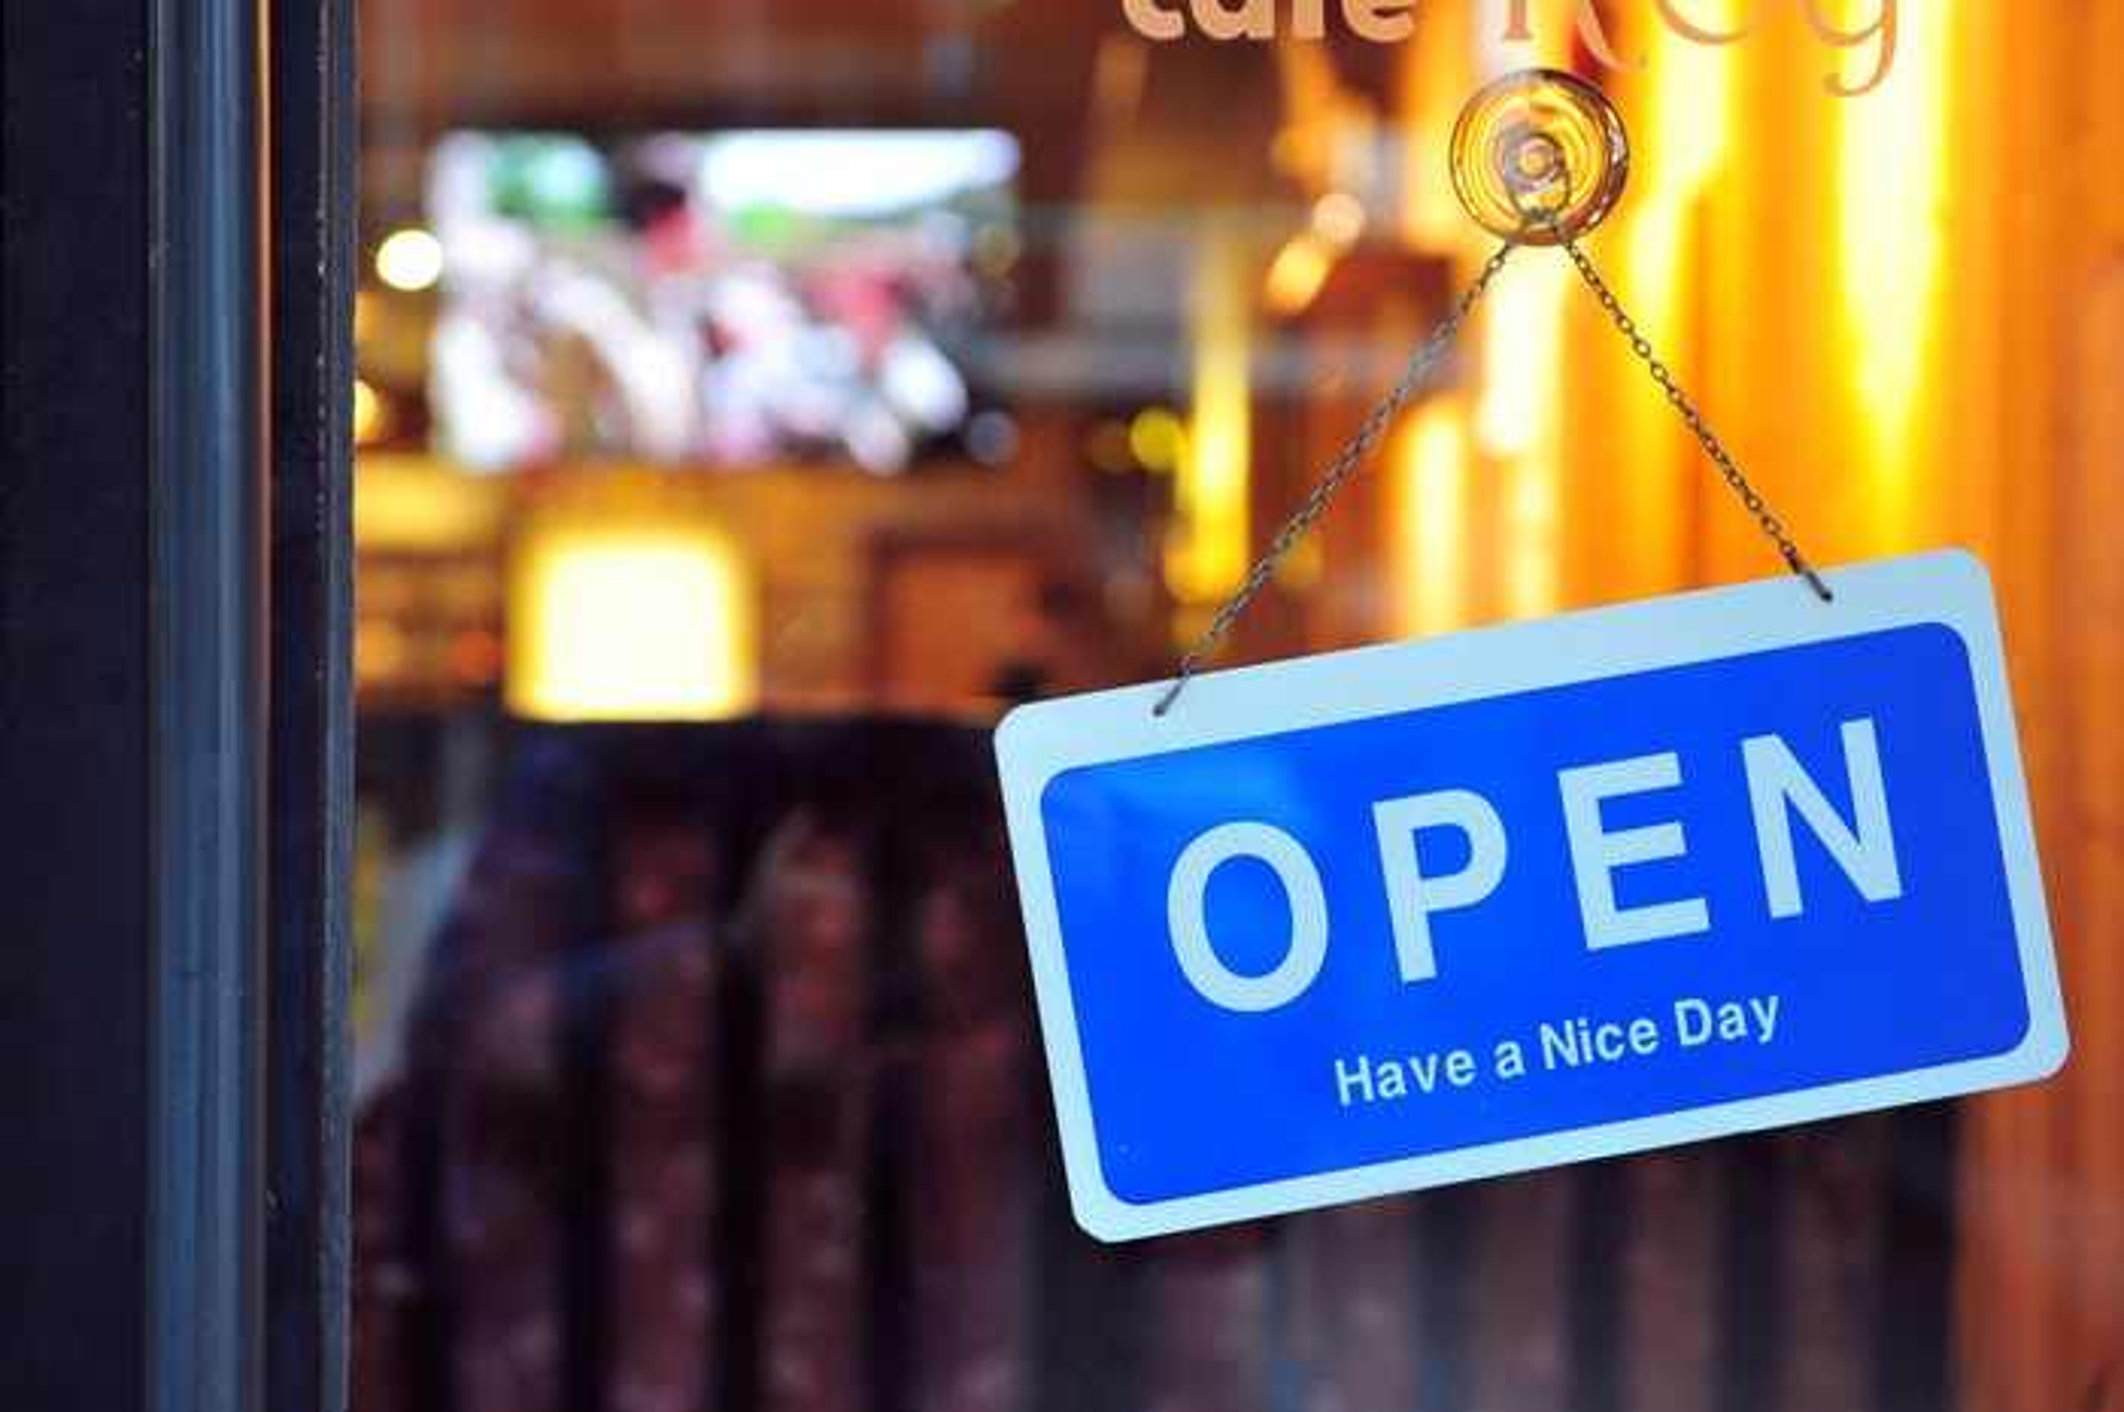 An open sign hangs on a door.